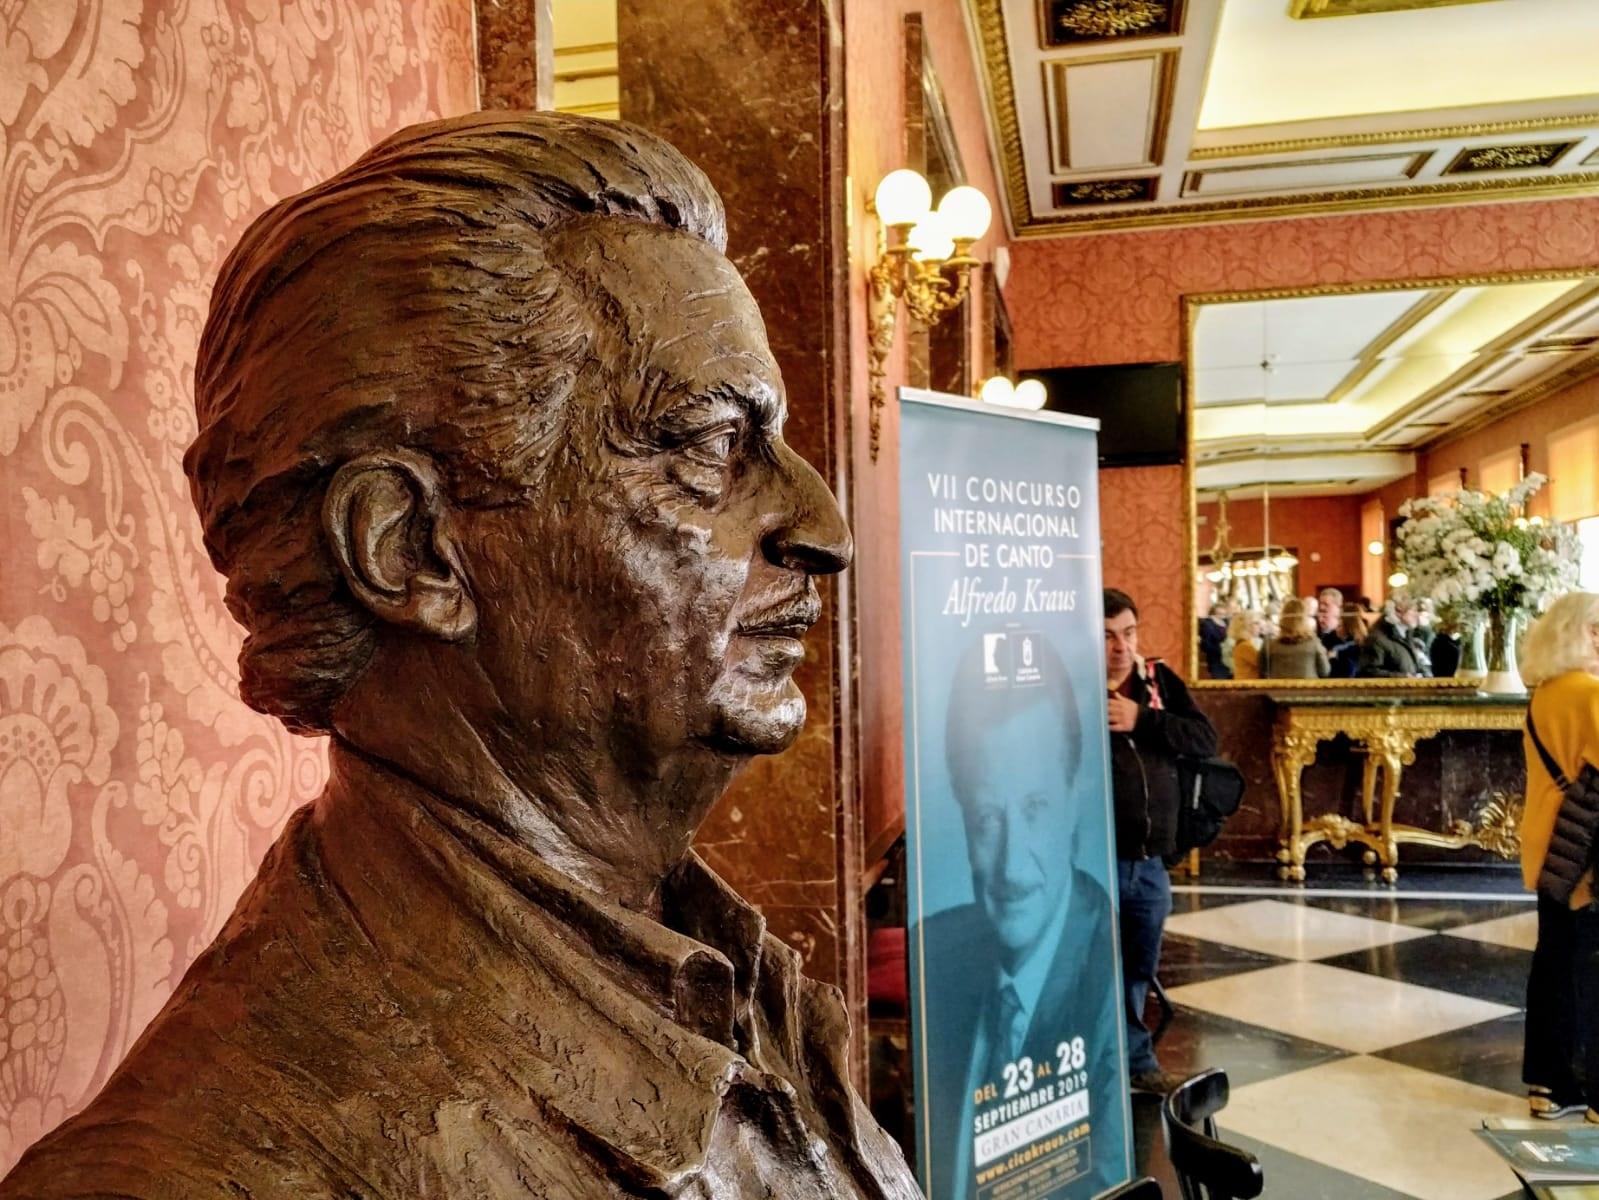 Presentación del VII Concurso Internacional de Canto Alfredo Kraus en el Teatro de la Zarzuela de Madrid